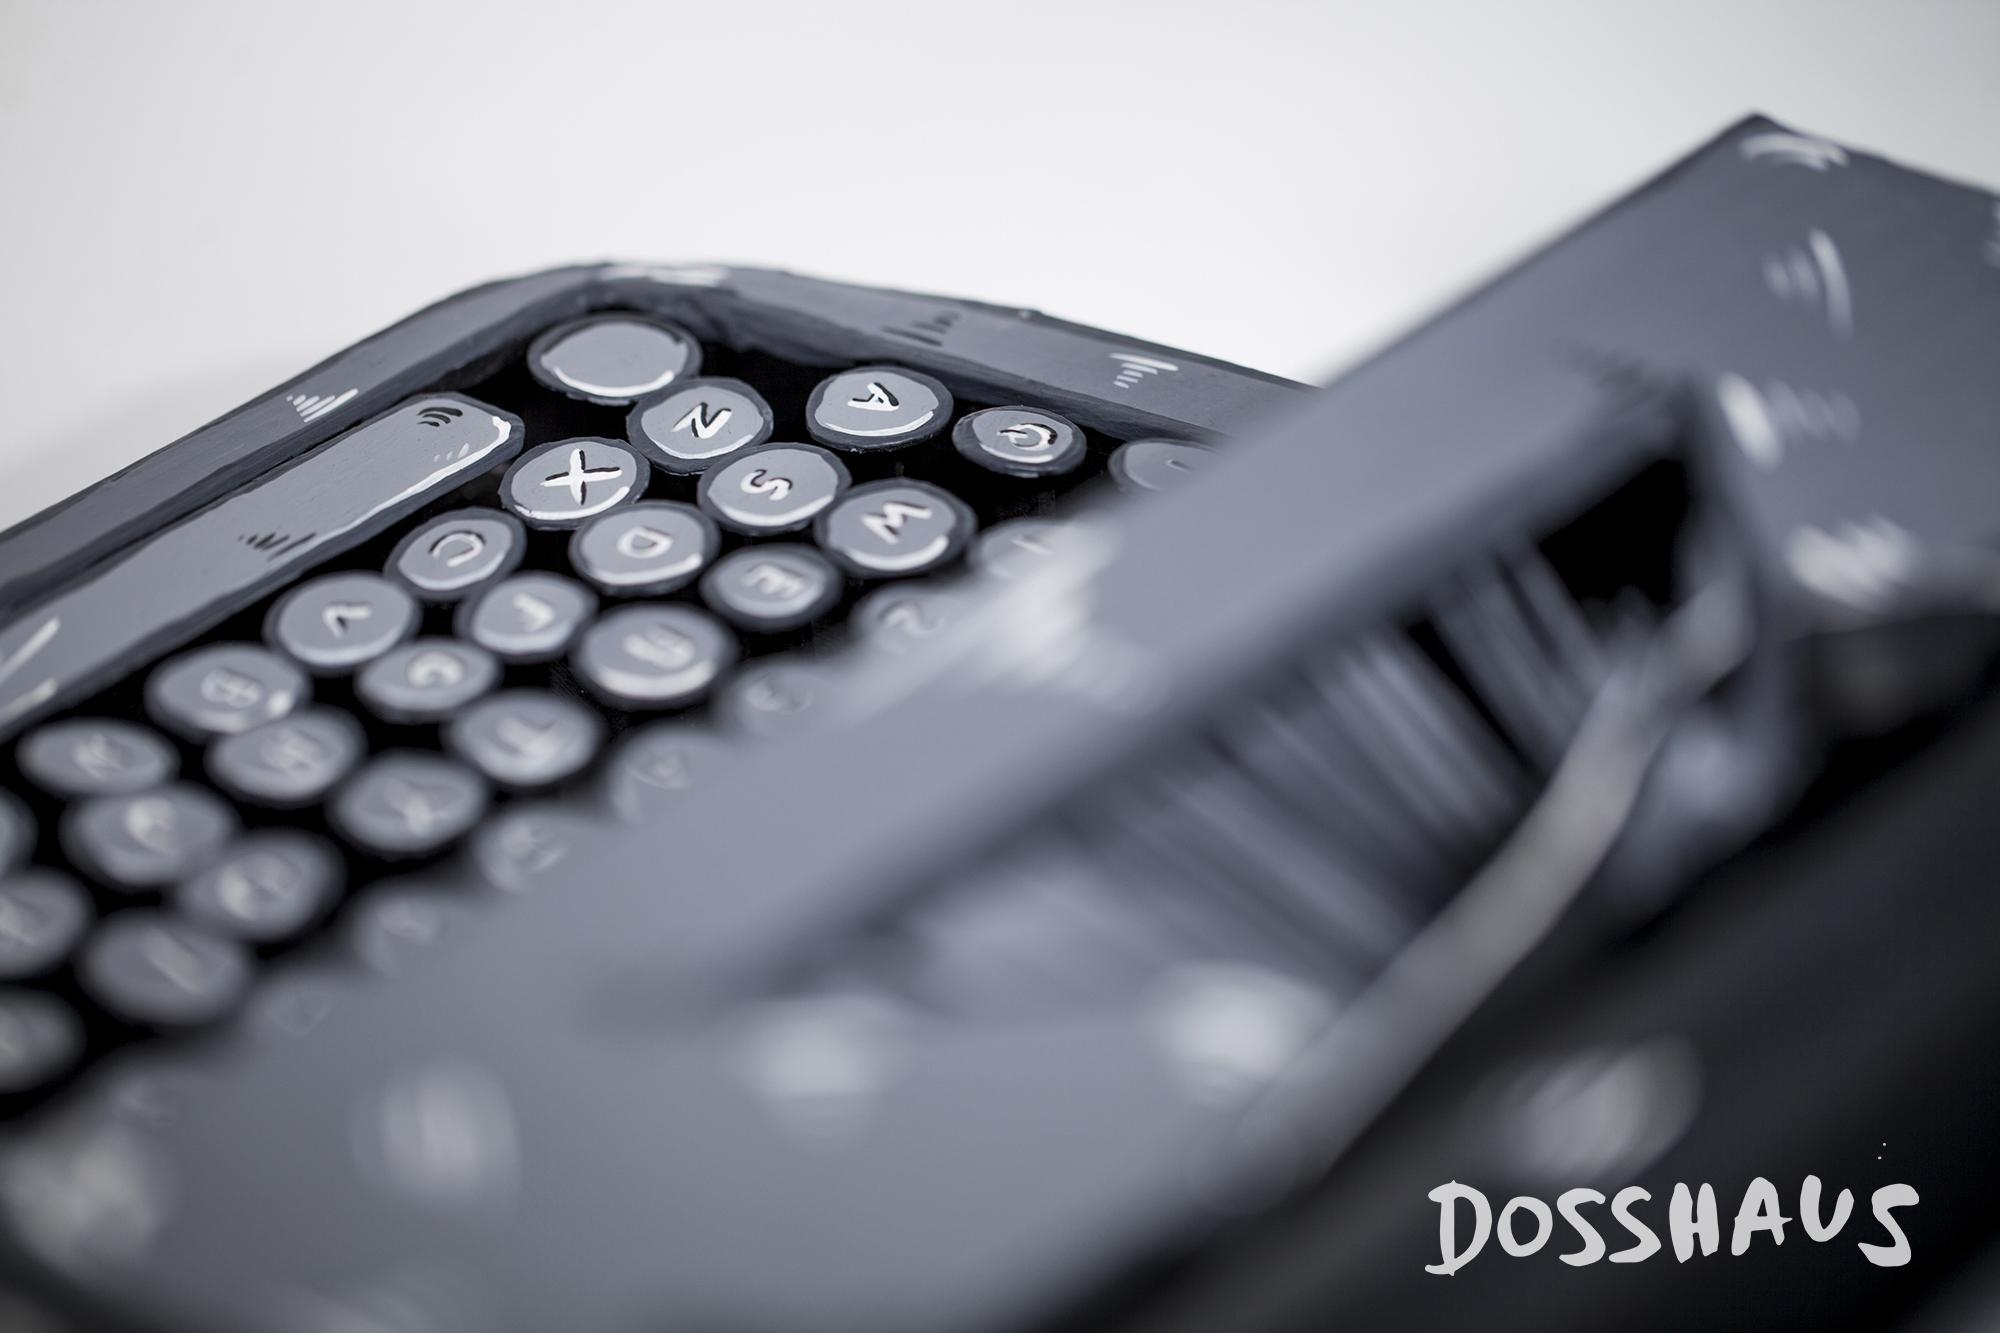 Dosshaus Grey Typewriter 1.jpg